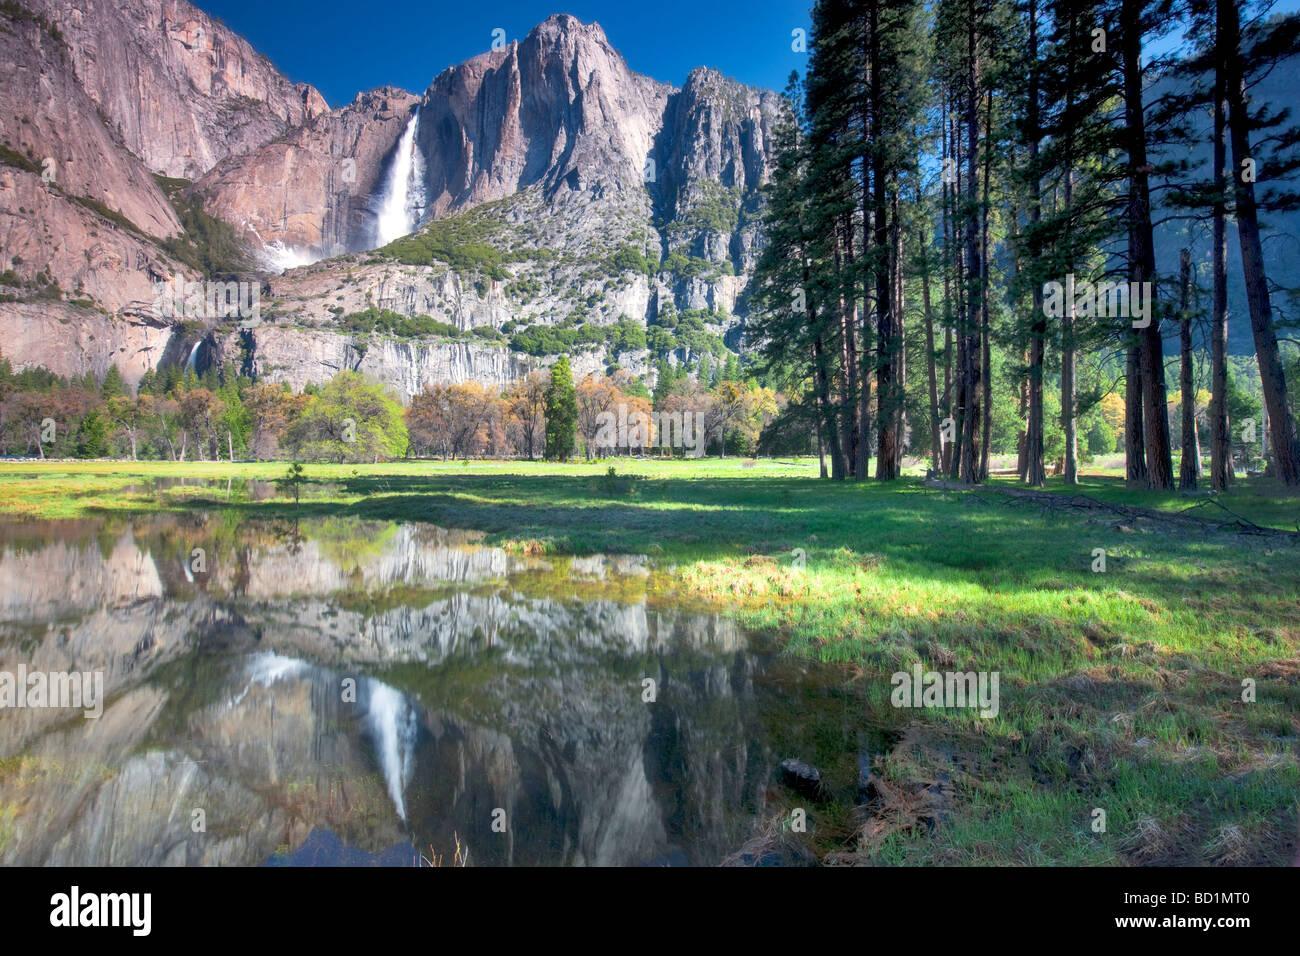 Cataratas de Yosemite reflejado en piscina de agua al Parque Nacional de Yosemite California Imagen De Stock